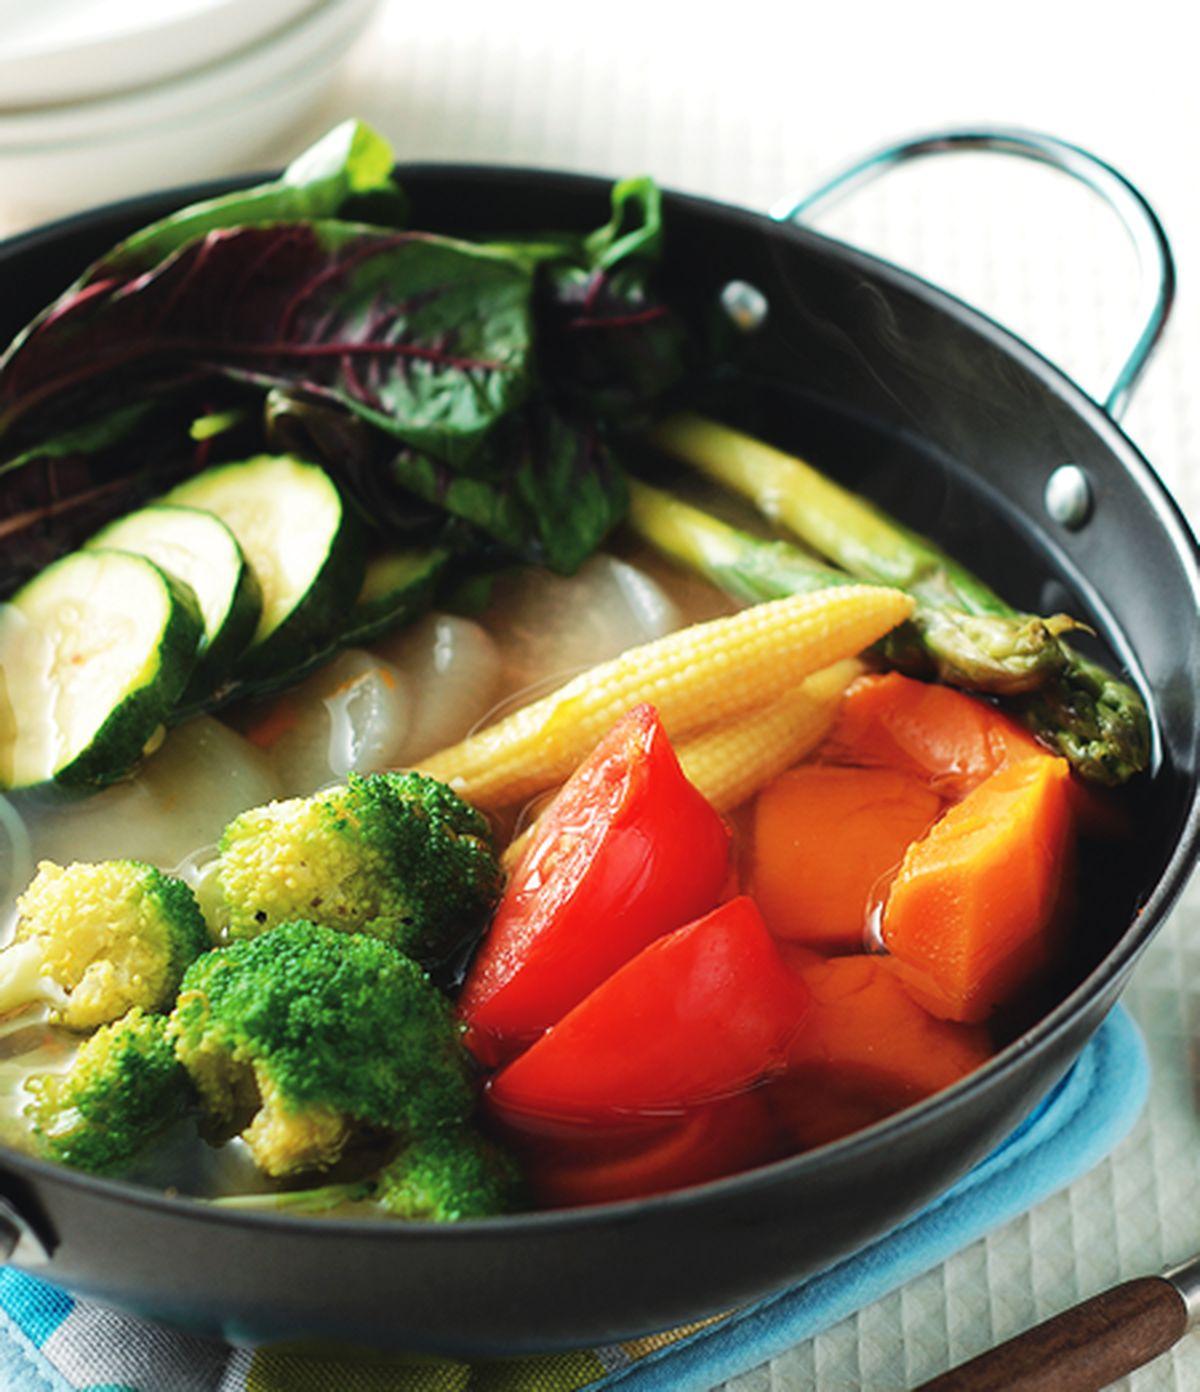 食譜:素食什錦蔬菜鍋